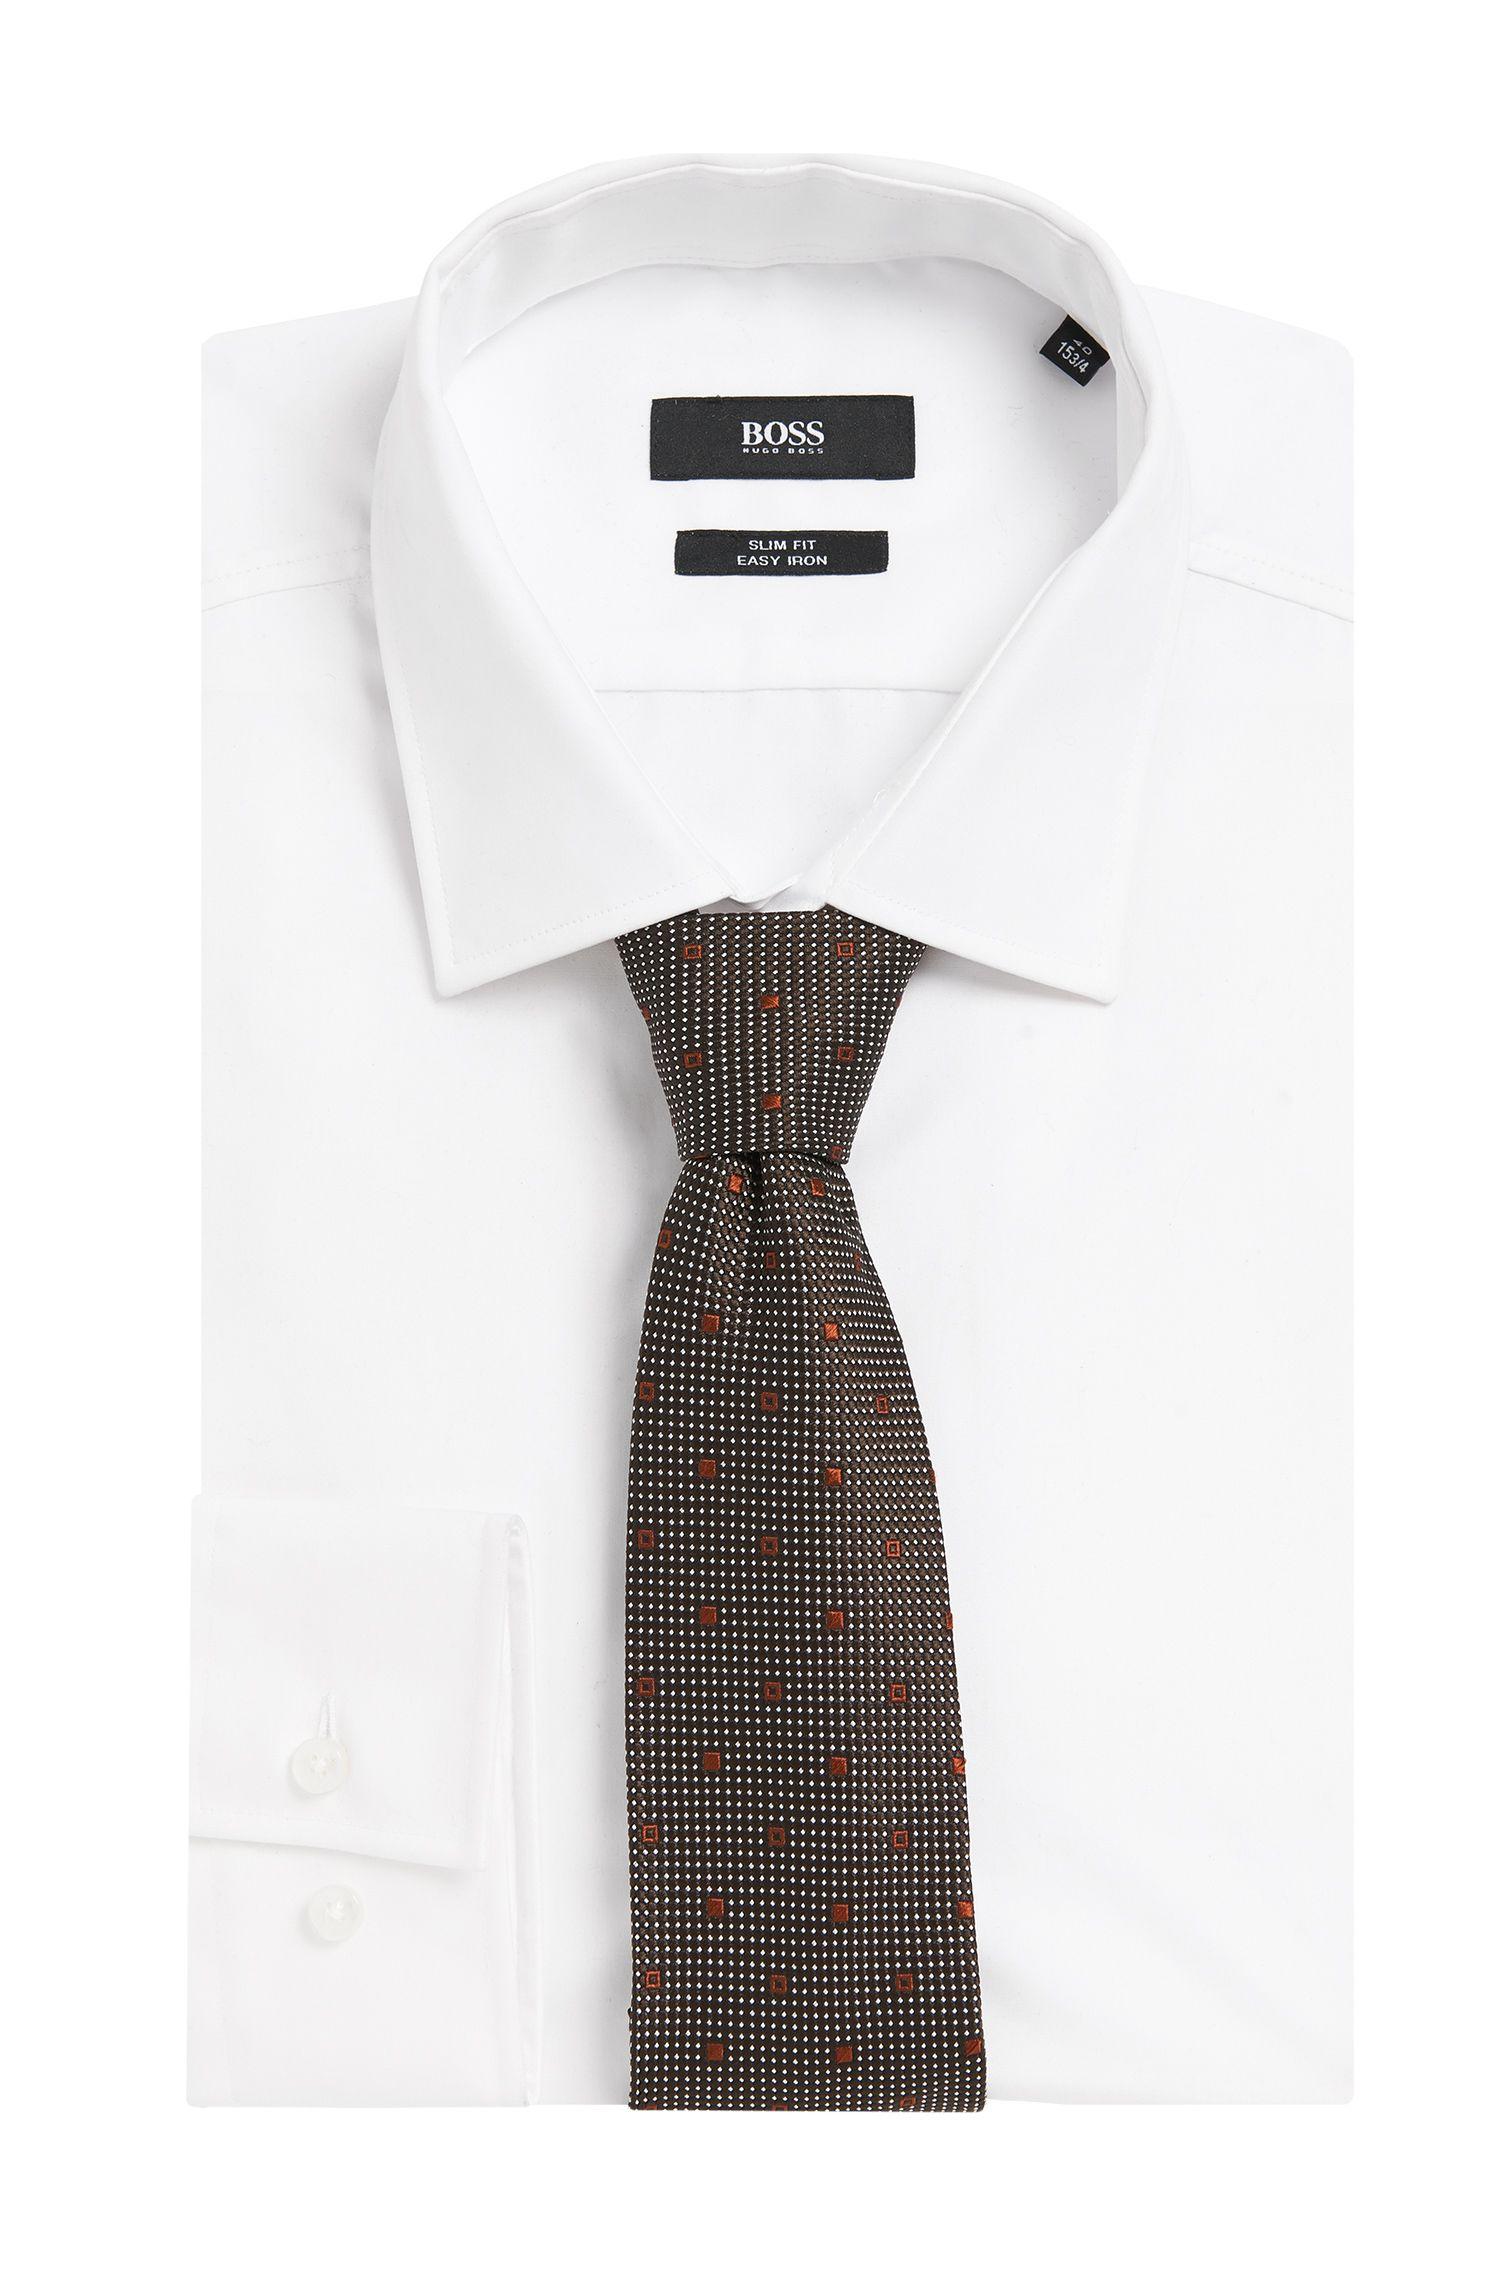 Gemusterte Tailored Krawatte aus reiner Seide: 'T-Tie 7,5 cm'